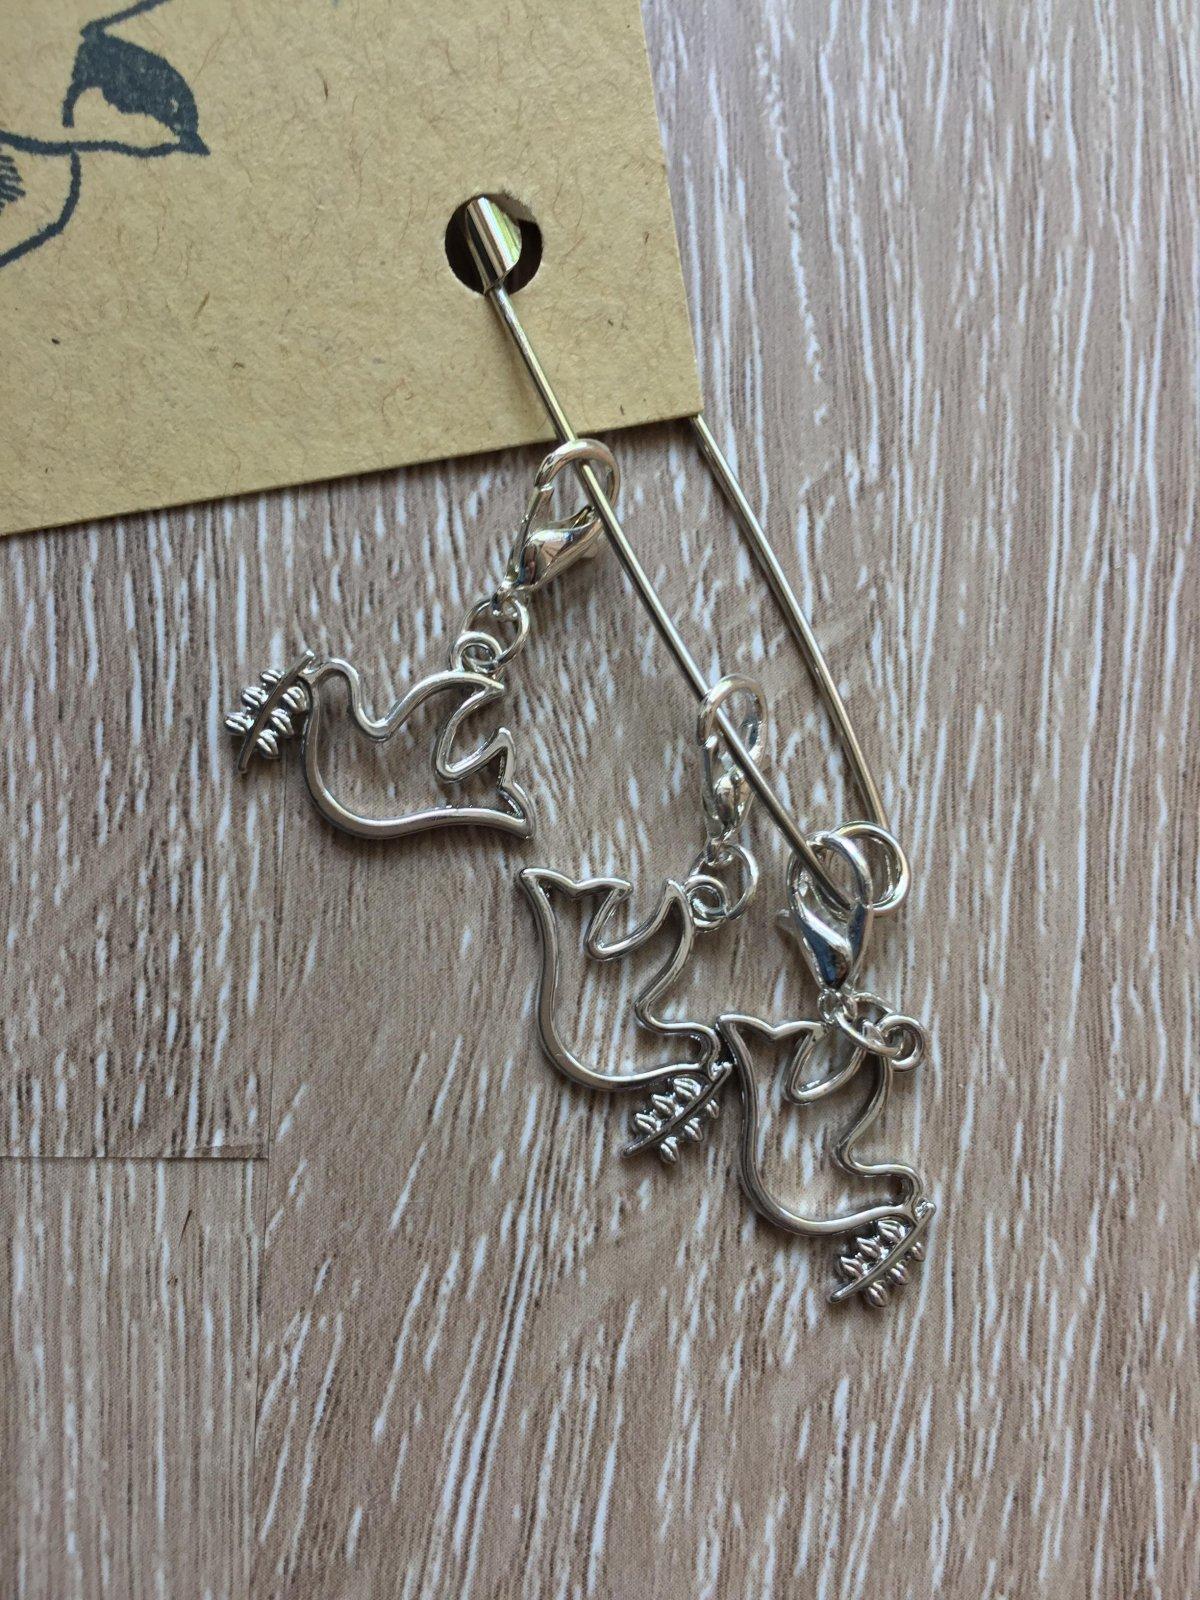 Unicorn Stitch Markers - handmade knitting accessory